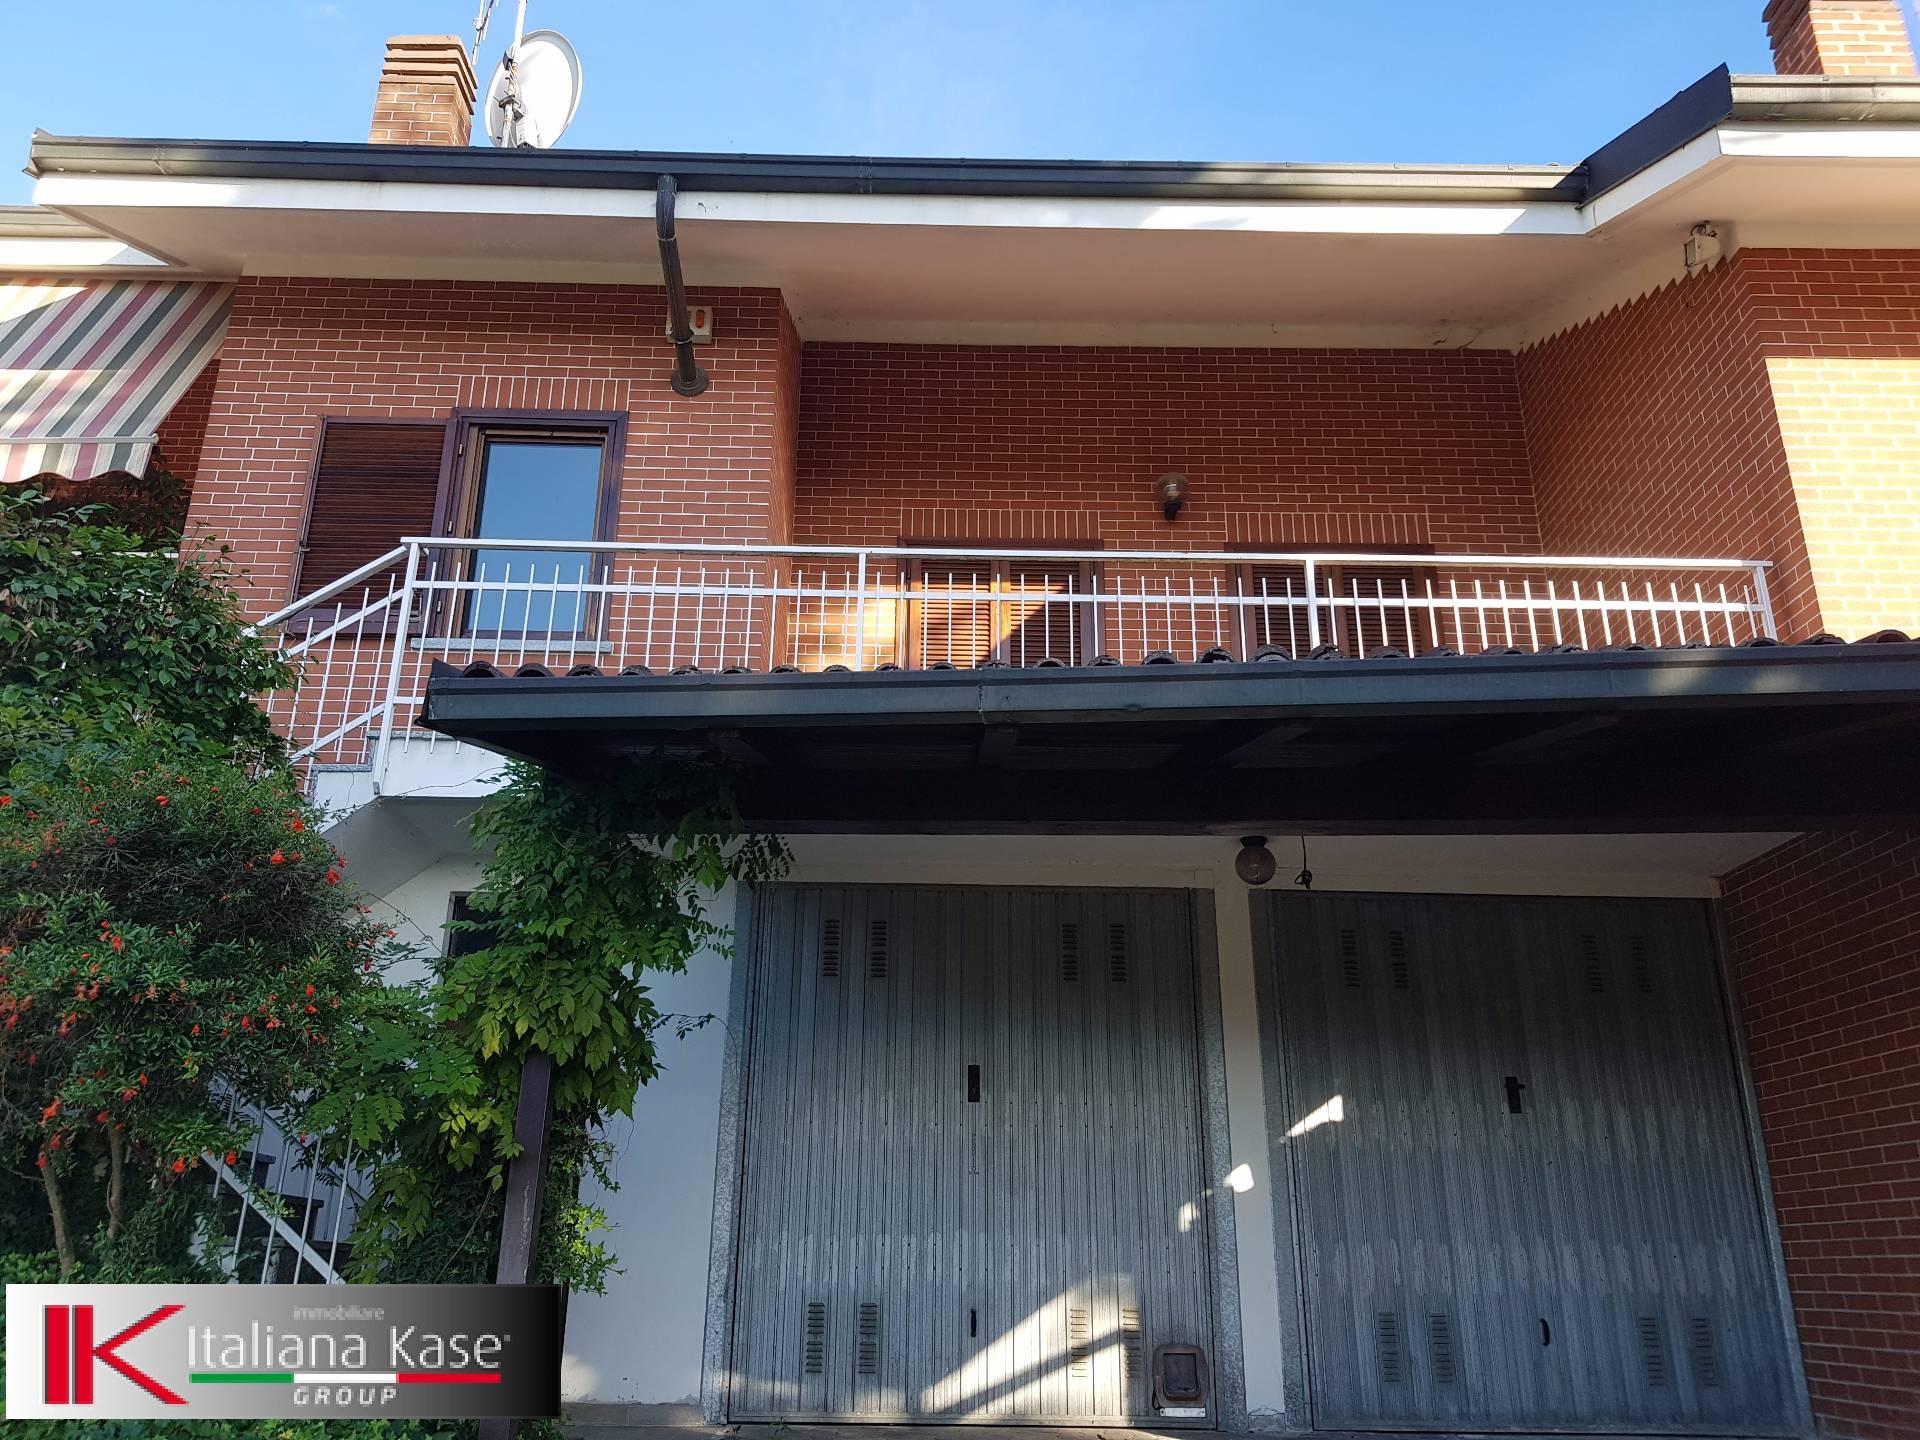 Villa a Schiera in vendita a Castiglione Torinese, 7 locali, zona Località: Centro, prezzo € 275.000 | CambioCasa.it